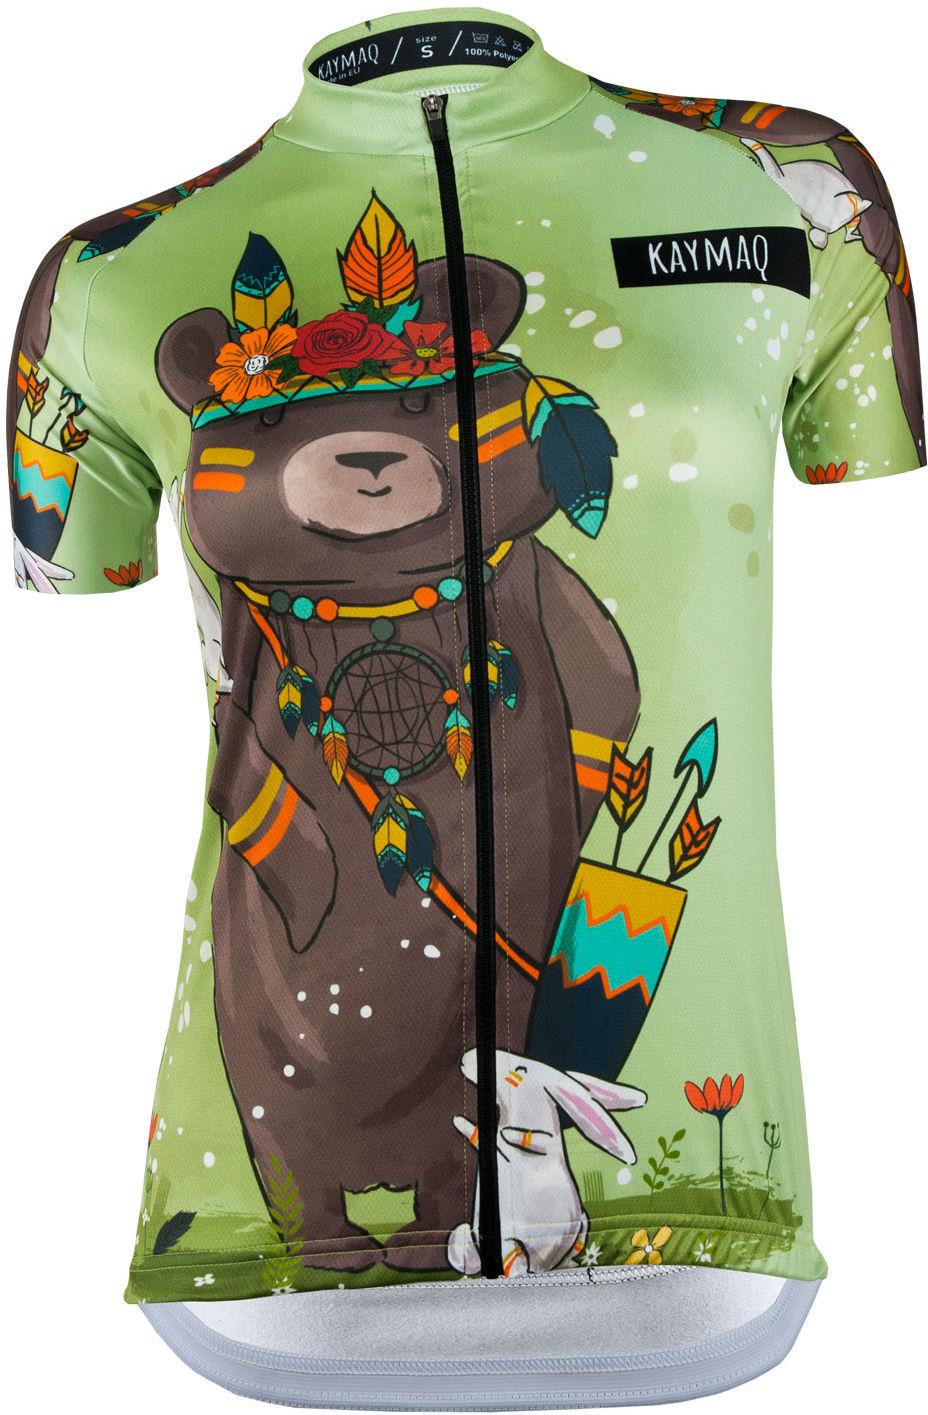 KAYMAQ DESIGN W12 damska koszulka rowerowa krótki rękaw Rozmiar: M,KYMQ-W12-KOSZ